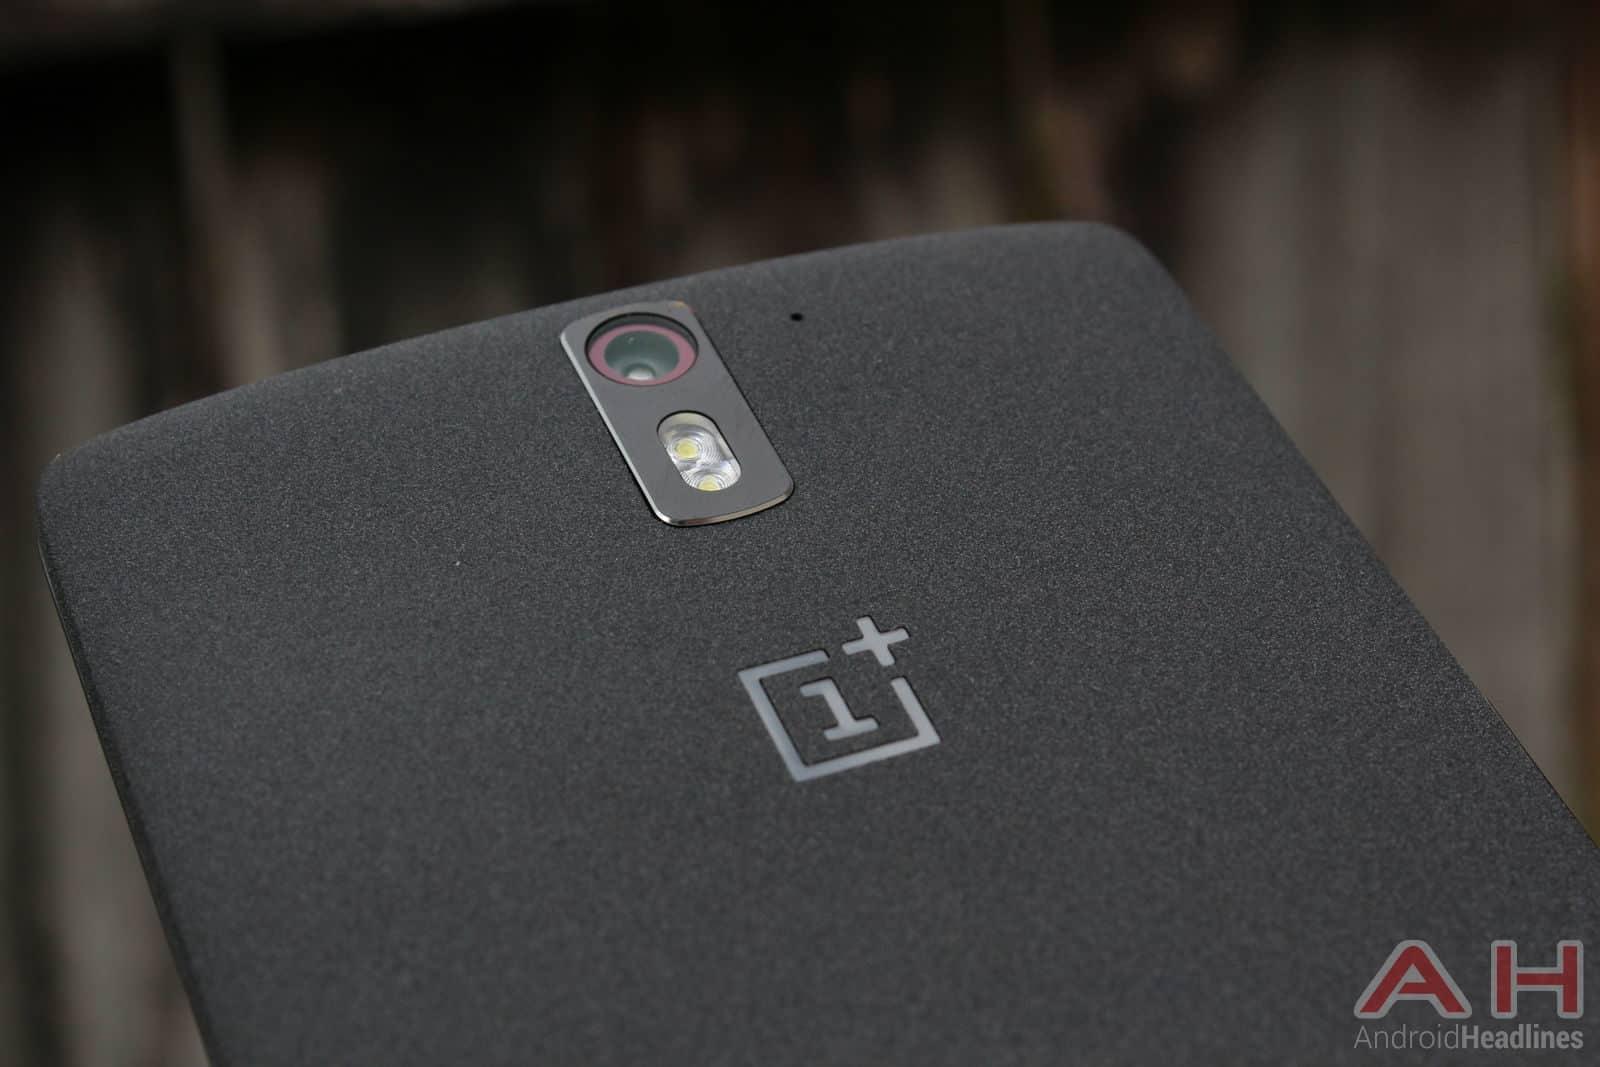 OnePlus-One-back-logo-2